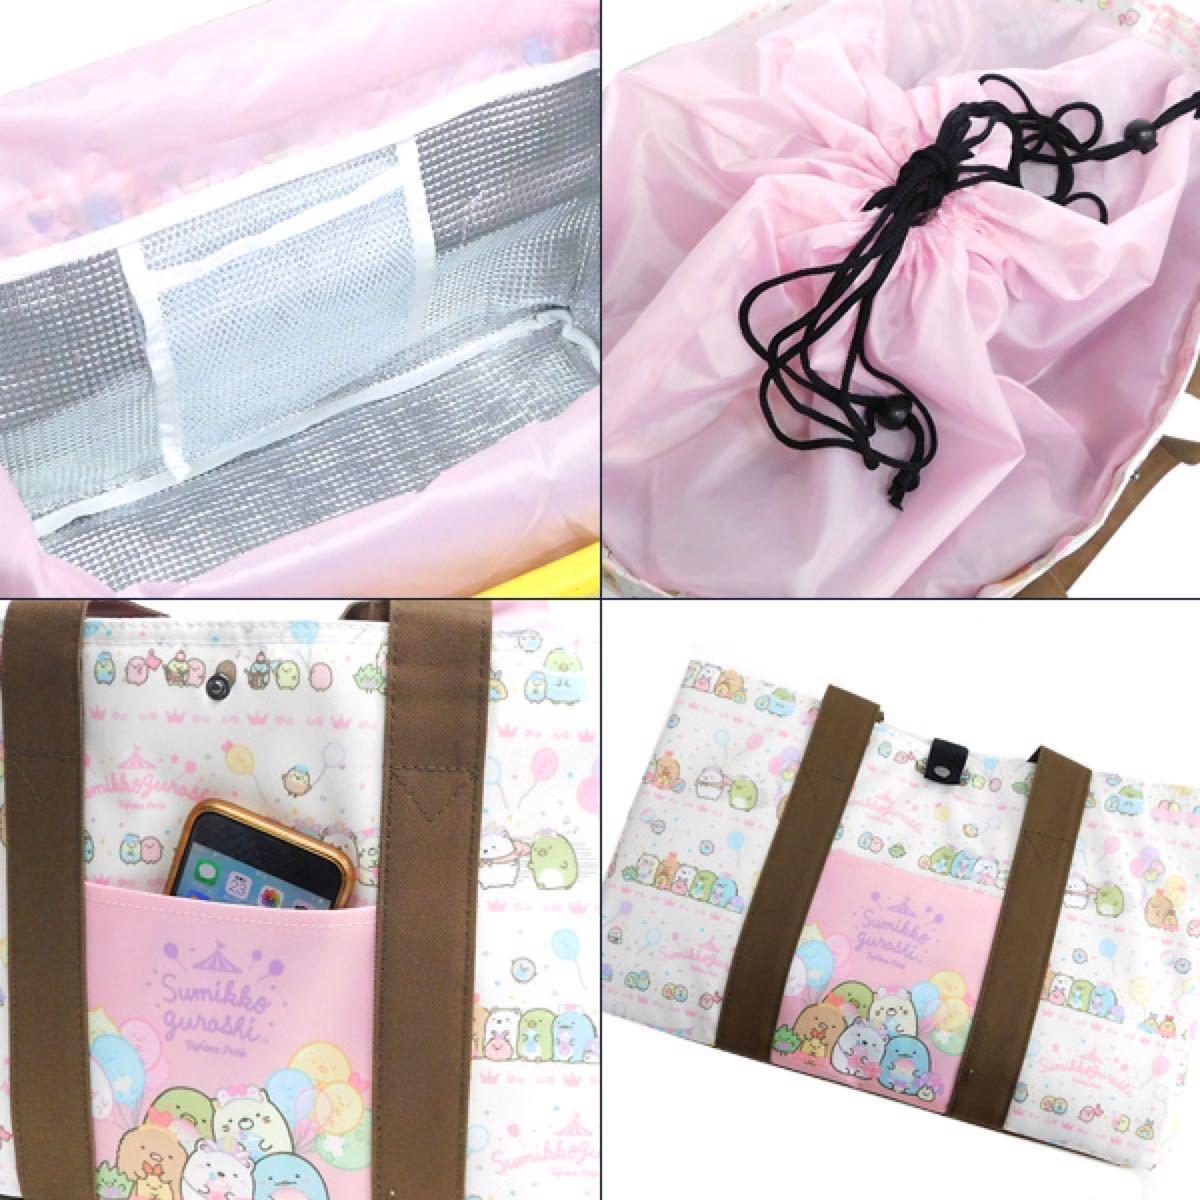 すみっコぐらし 保冷バッグ 大容量 クーラーバッグ レジカゴバッグ エコバッグ ショッピングバッグ 保冷 バッグ 新品 ピンク